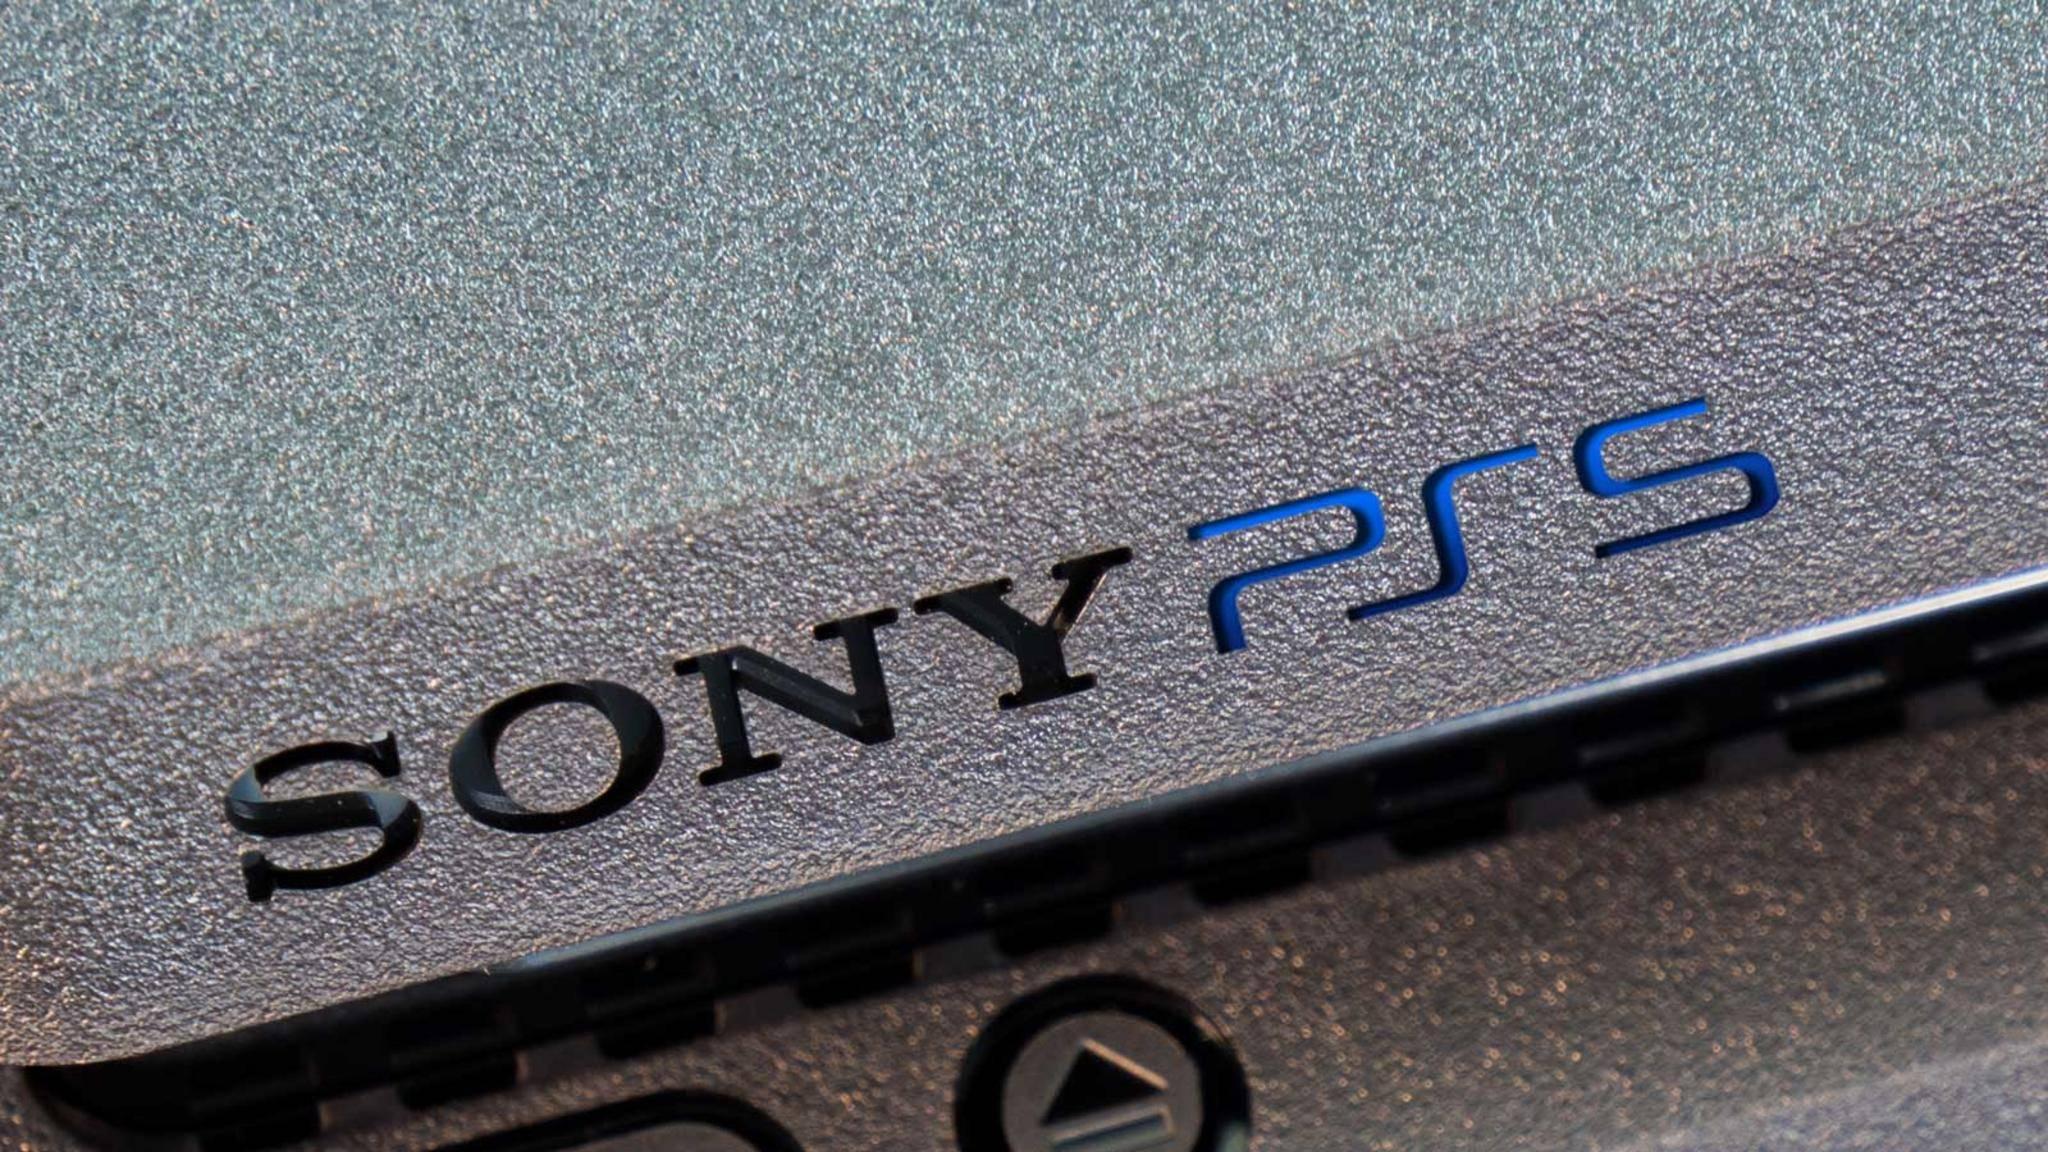 Wie die PlayStation 5 einmal aussehen wird, weiß bislang noch niemand. Darüber, wieviel sie kosten könnte, gibt es aber schon Vermutungen ...